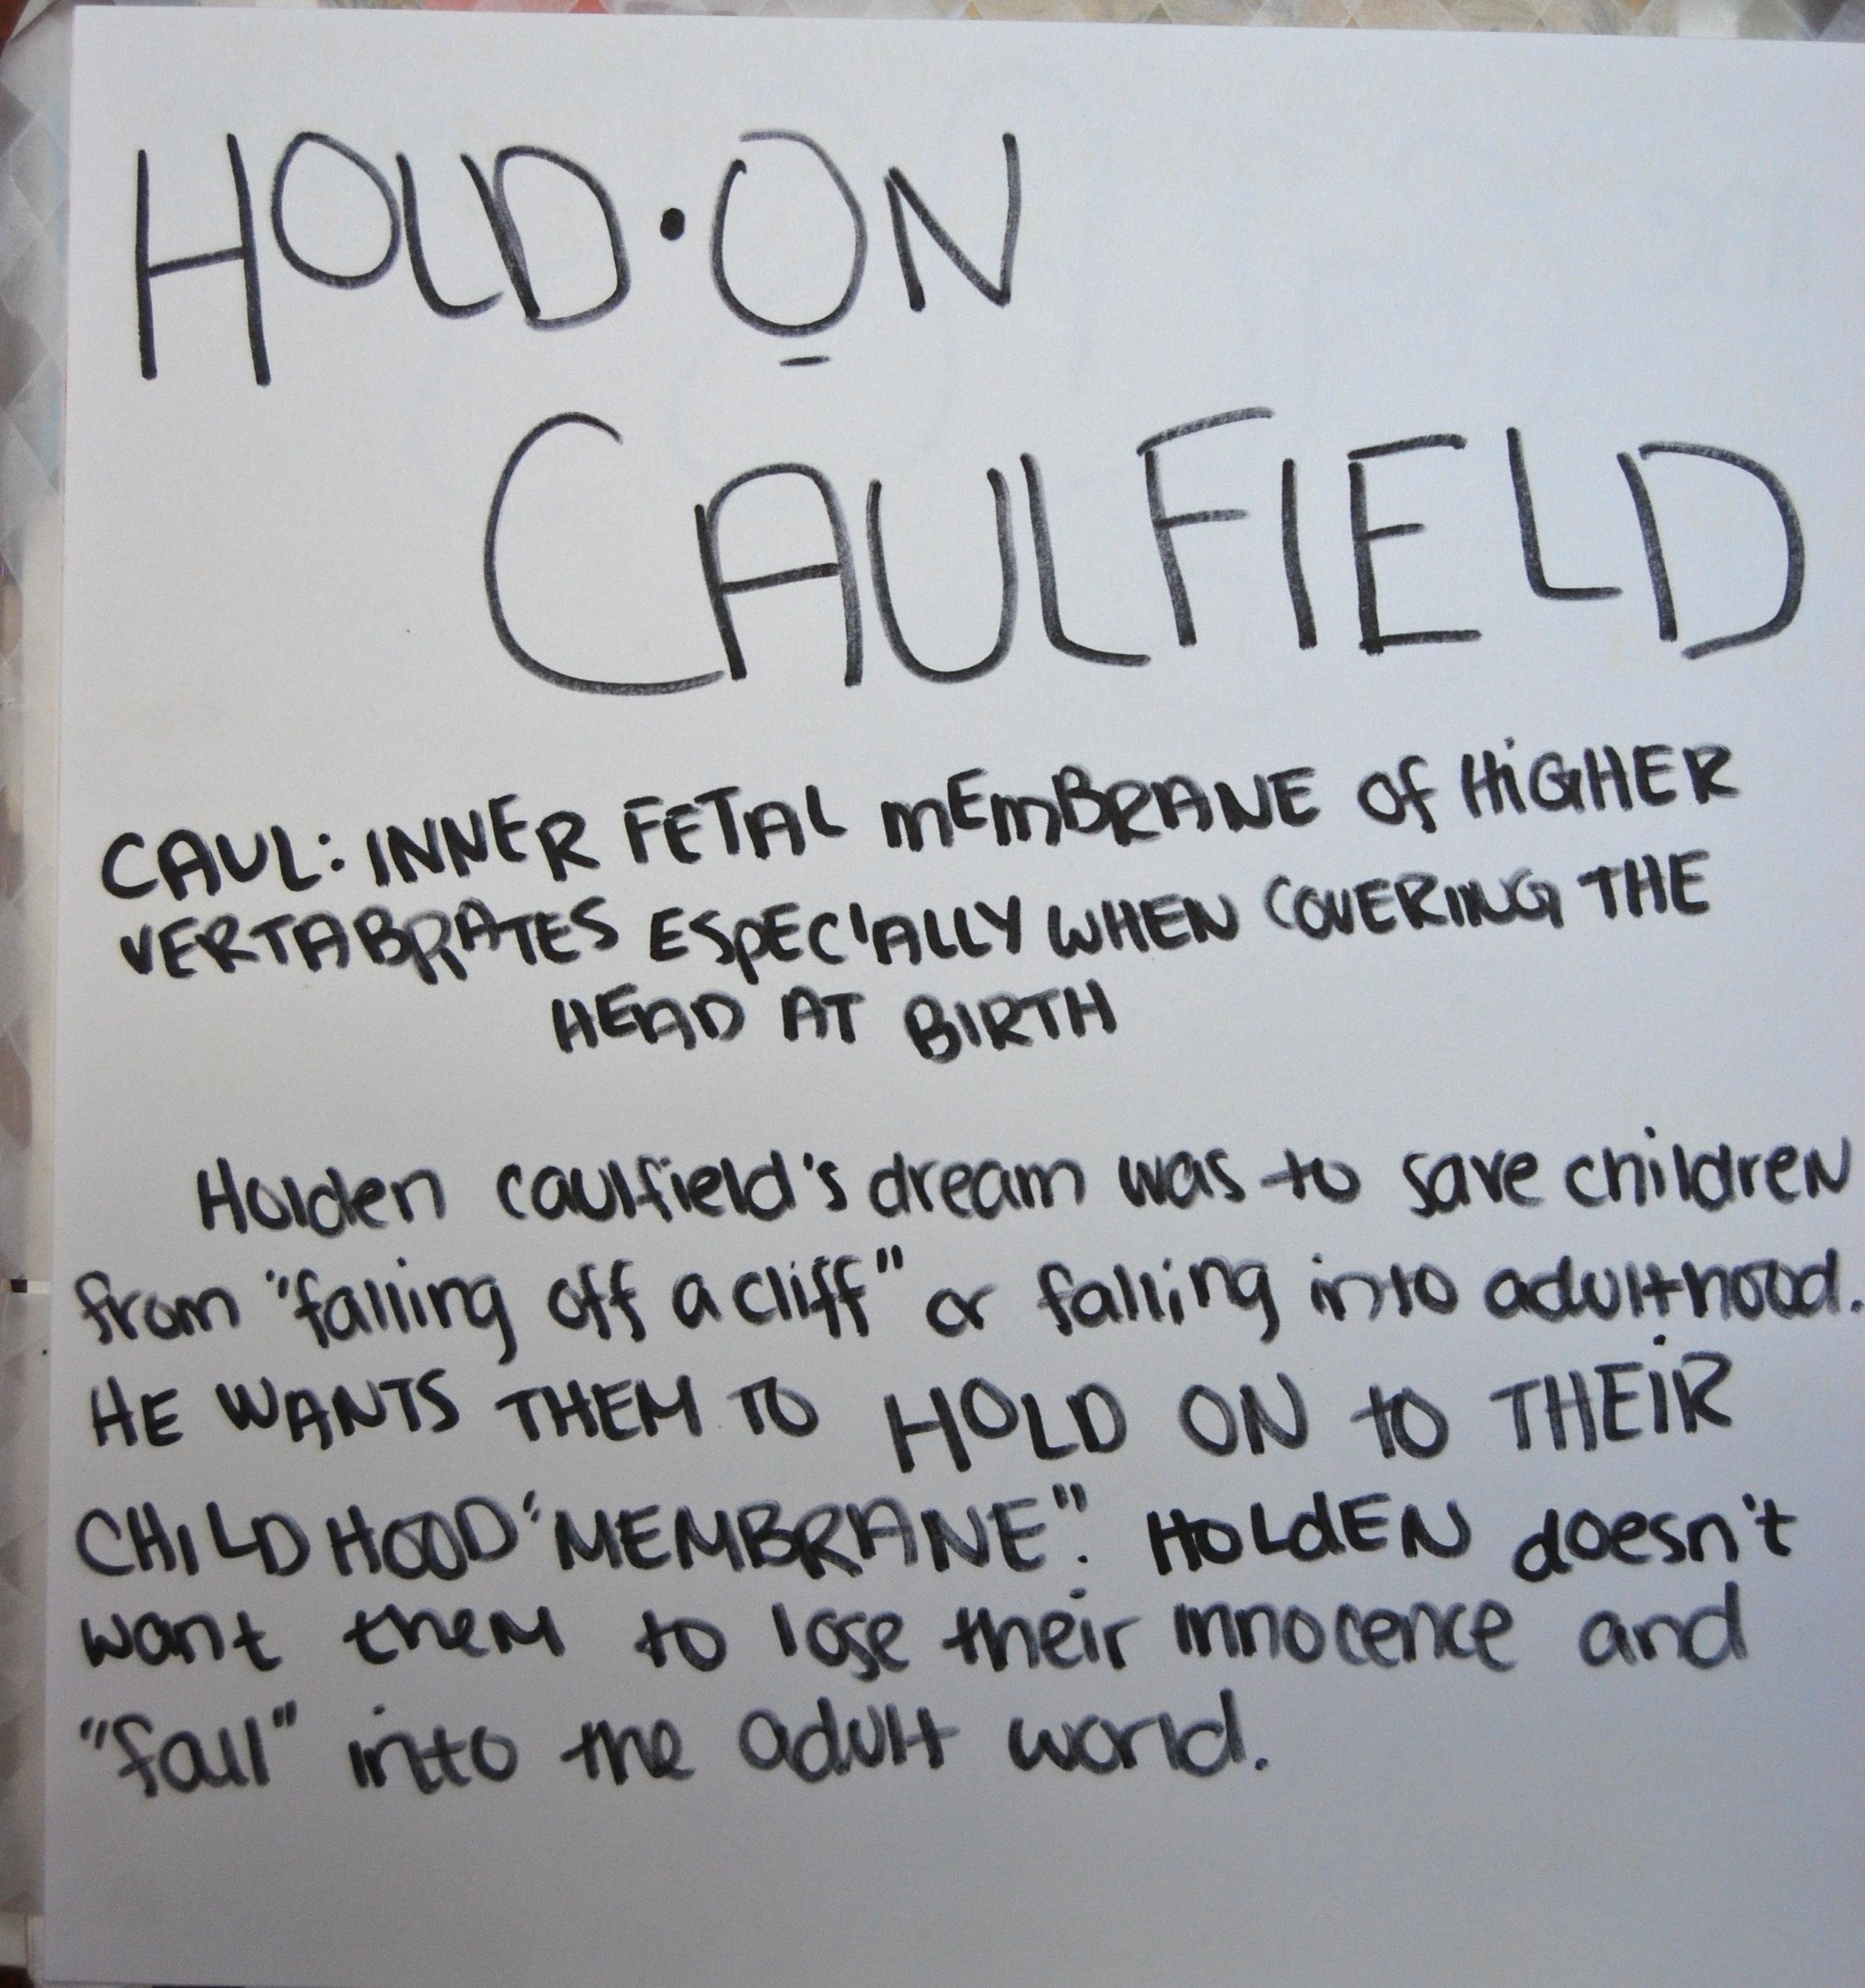 holden caulfield discontent teen essay